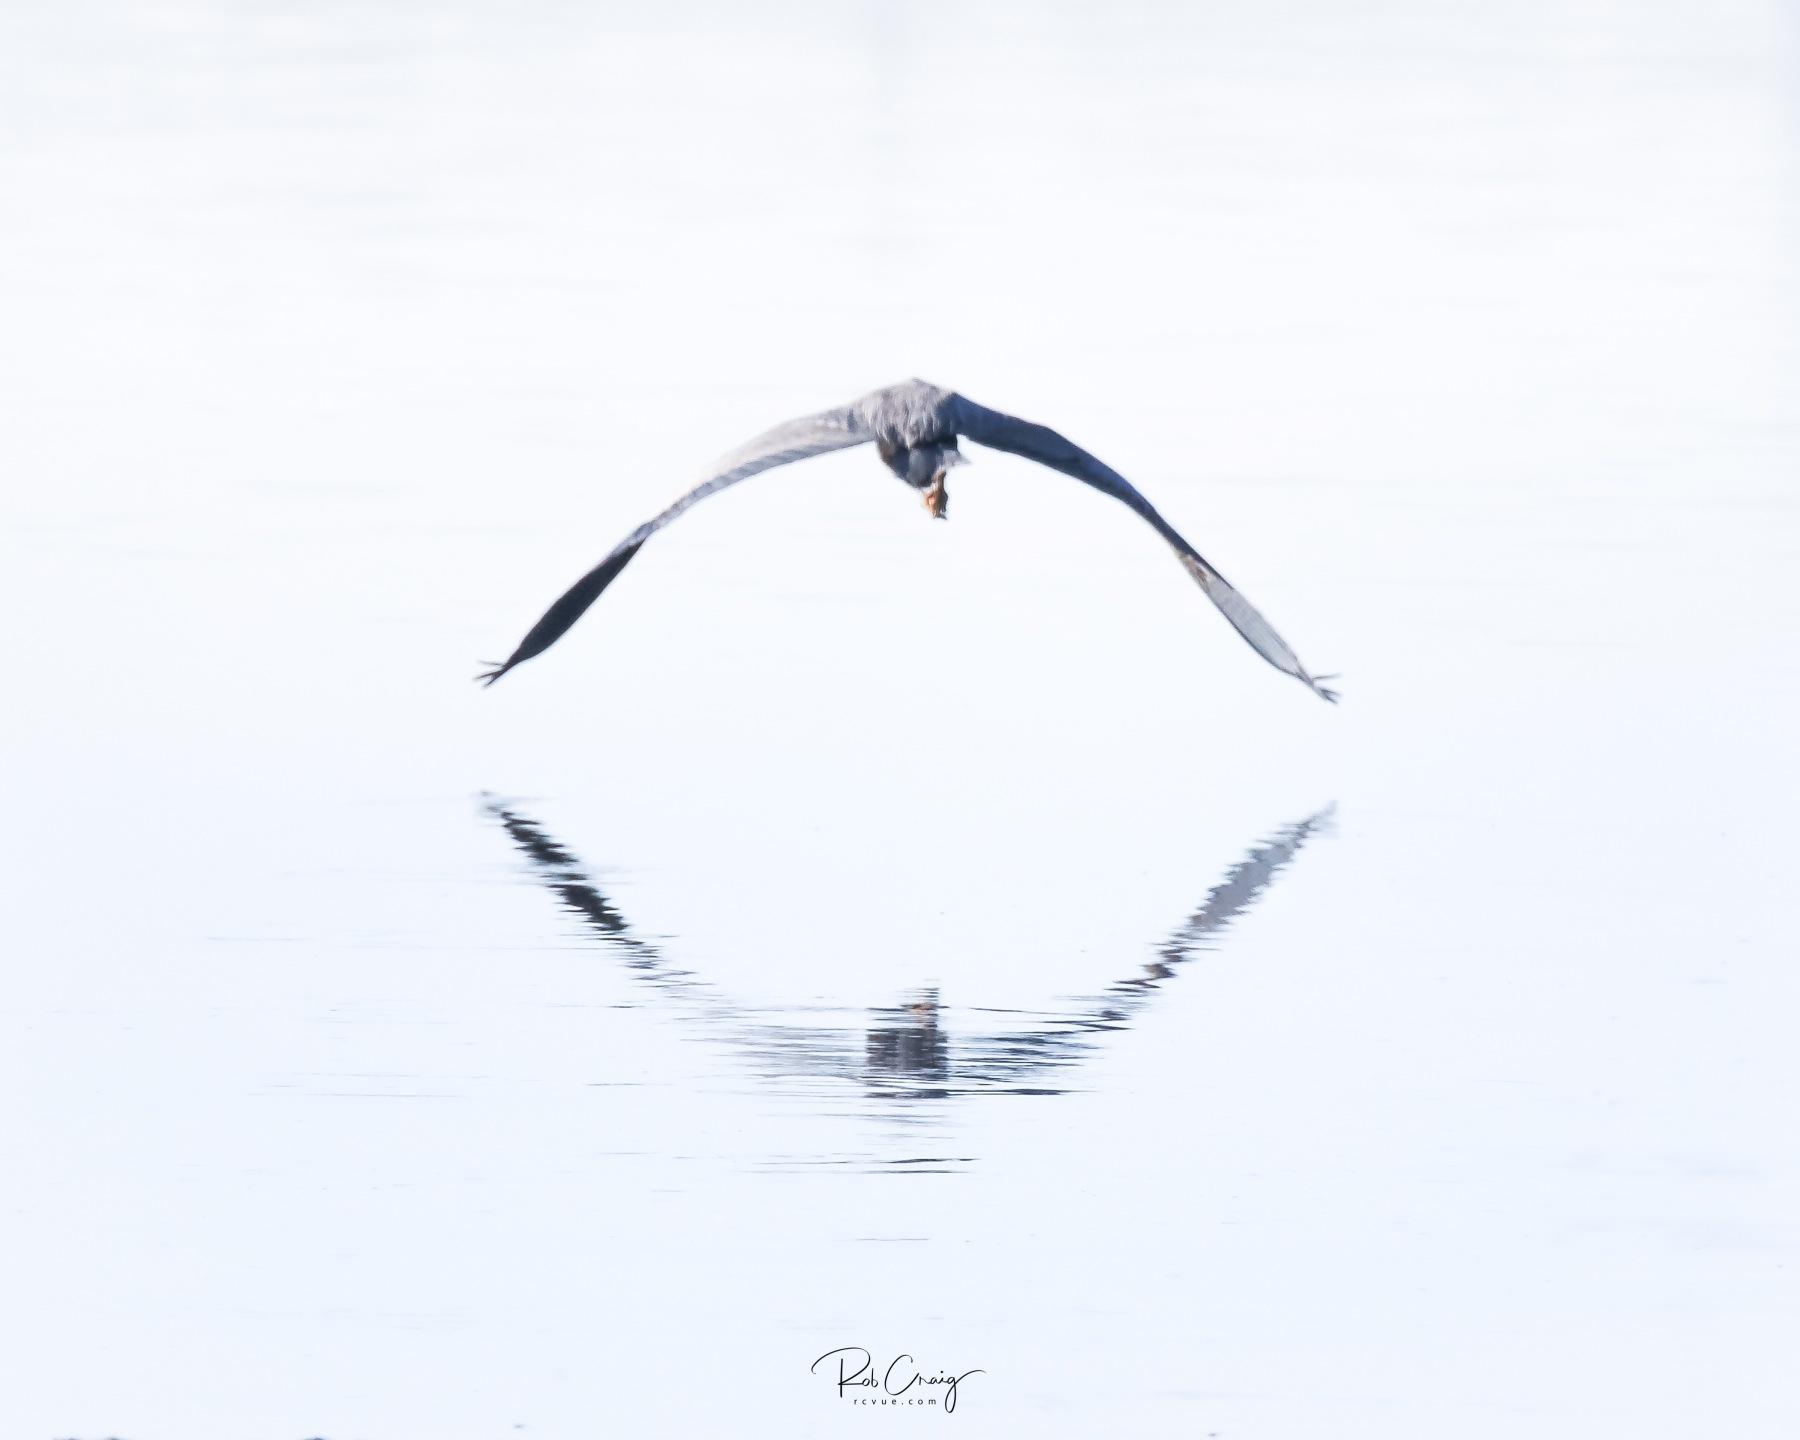 Blue Heron Takeoff 042620.jpg